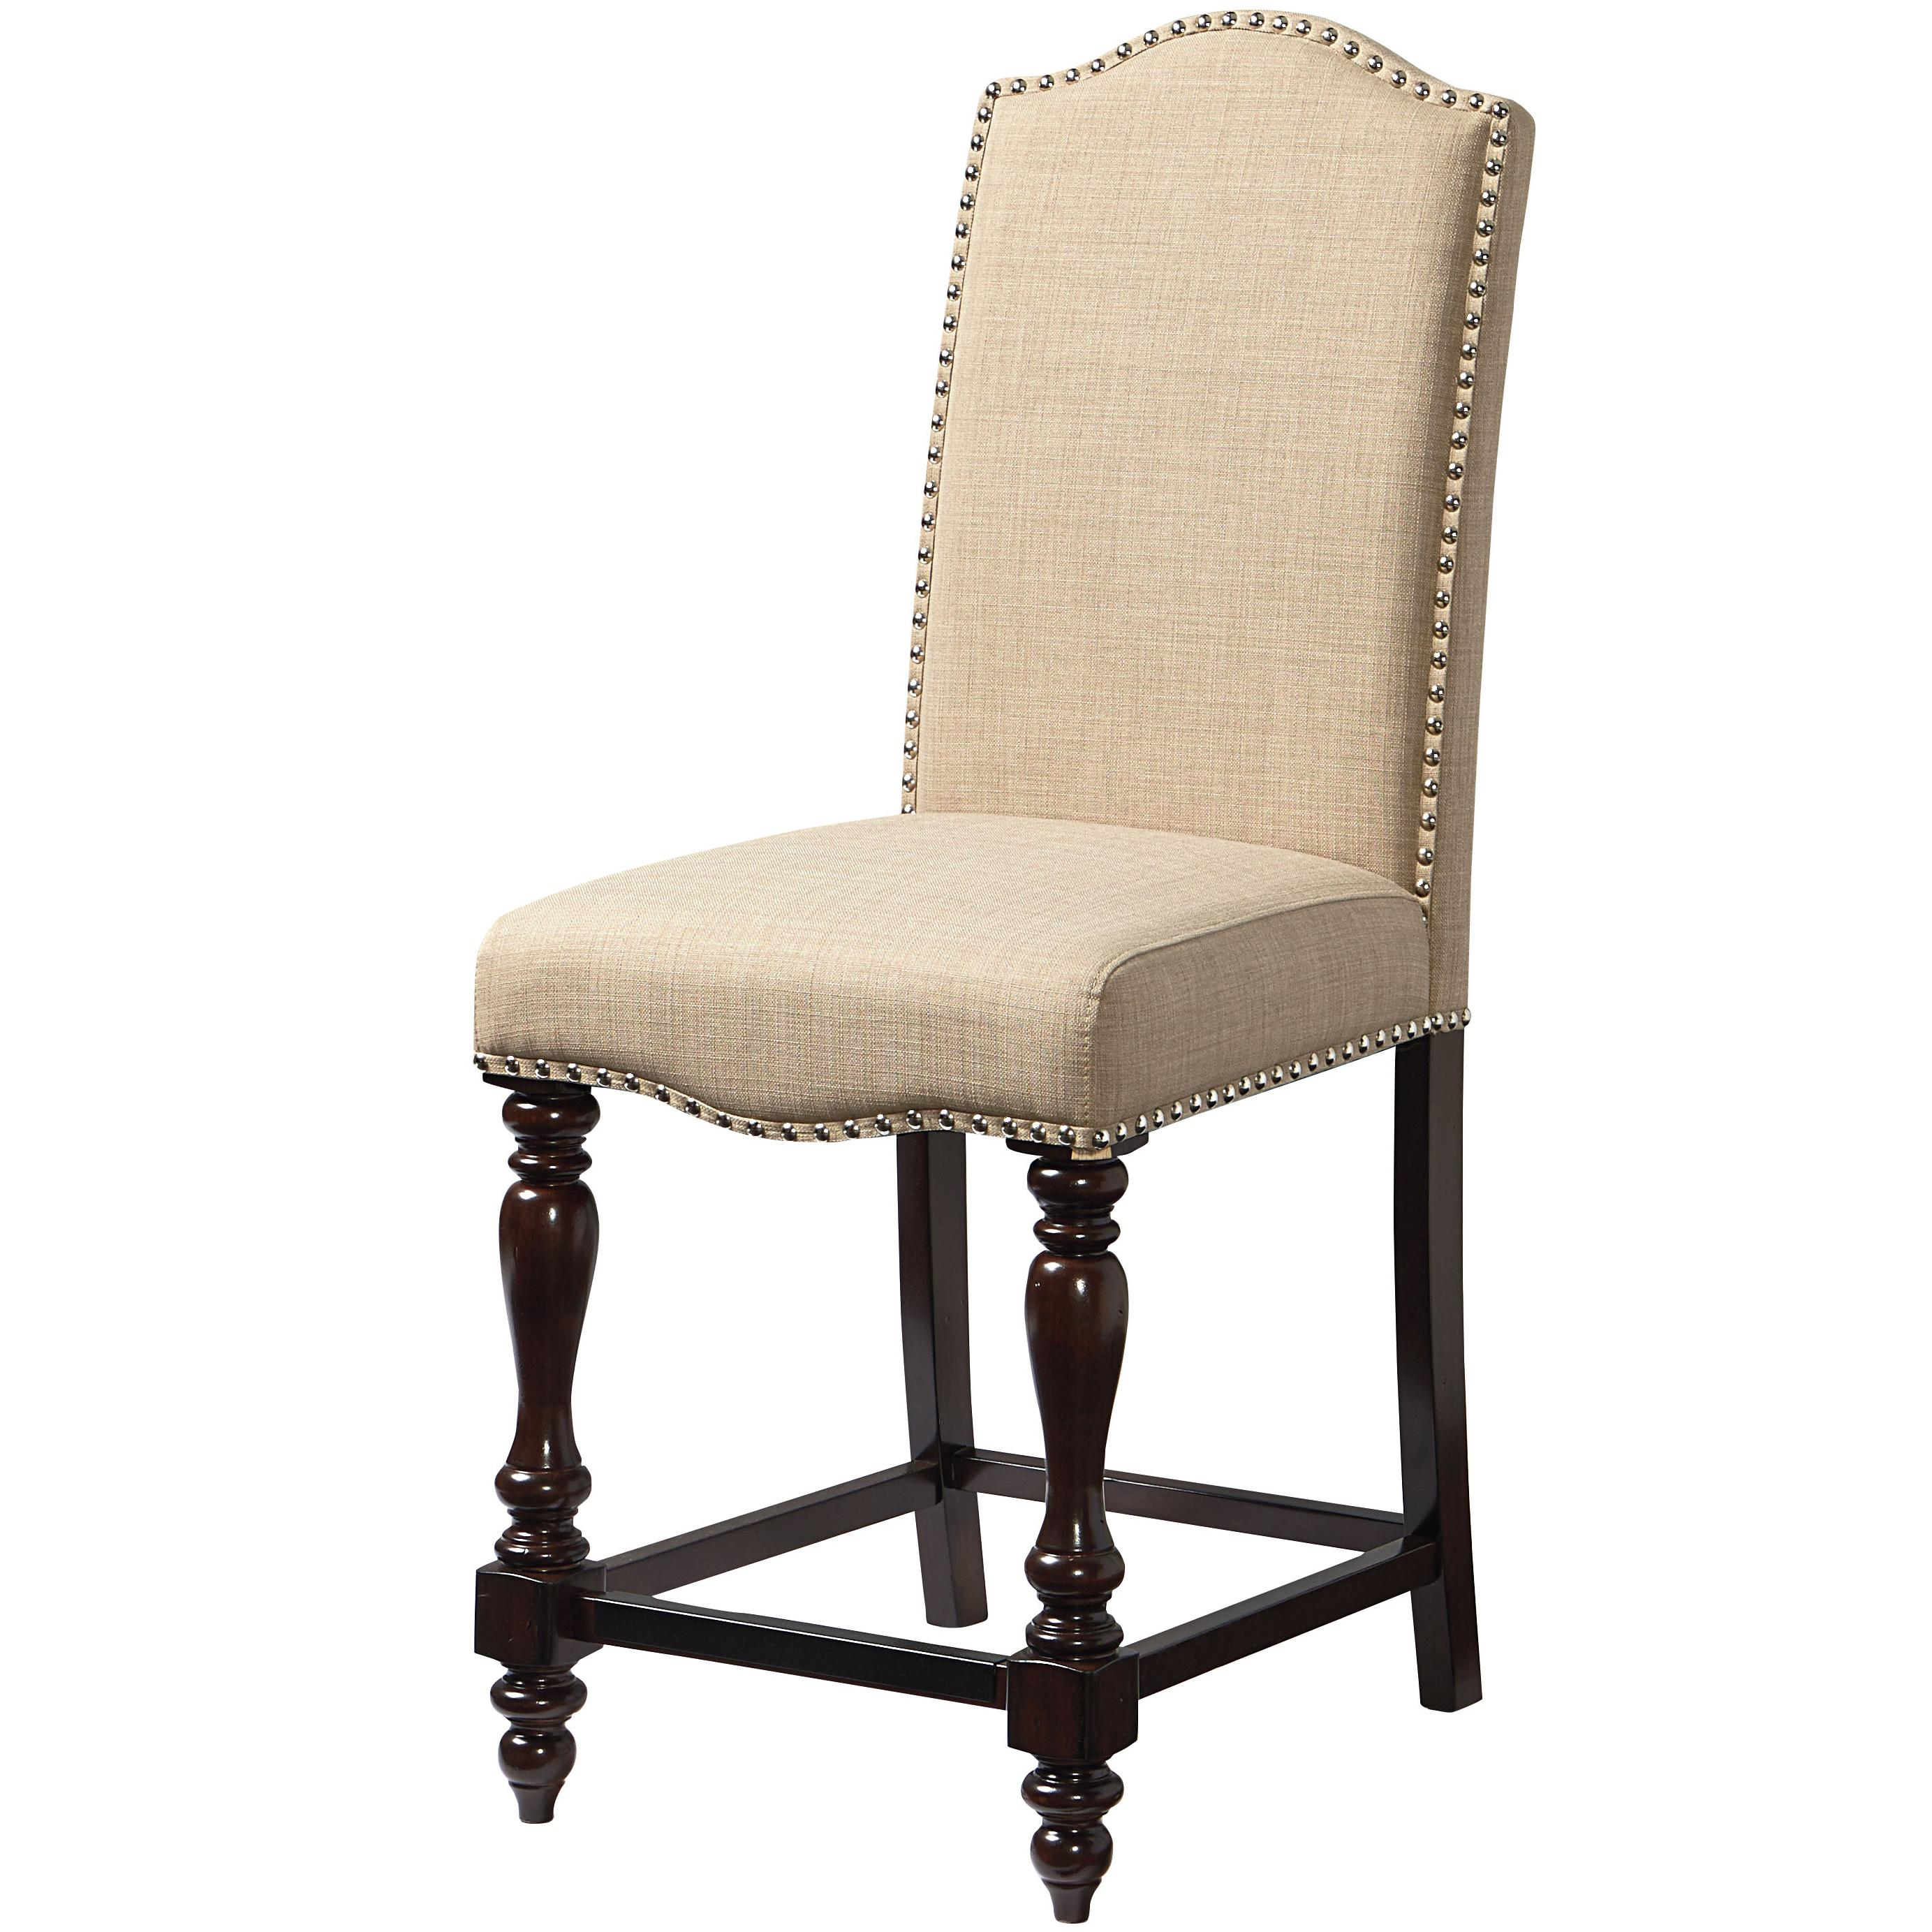 Standard Furniture McGregor 17737 Upholstered Counter